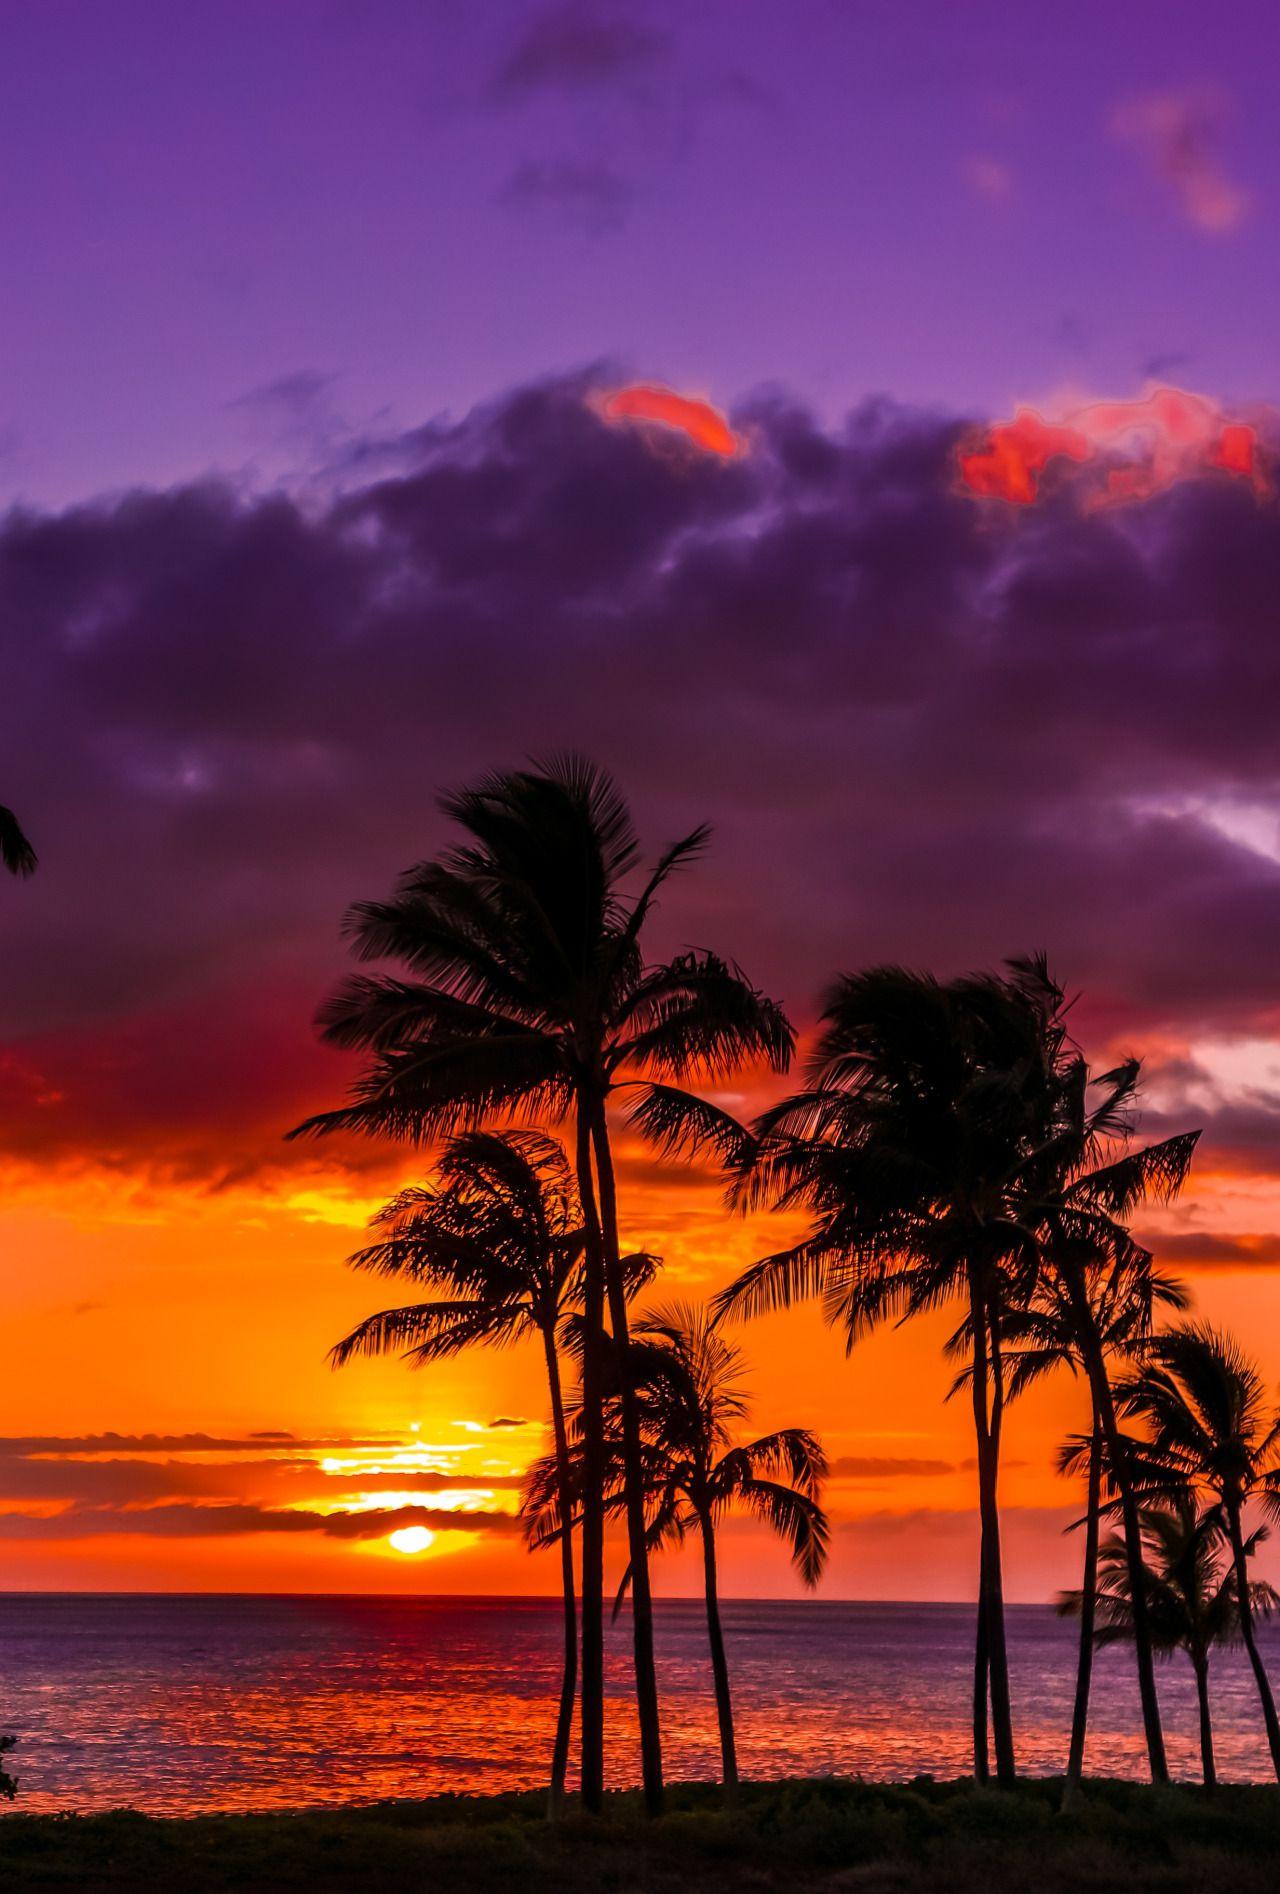 Hawaii (by Shamsazizi)